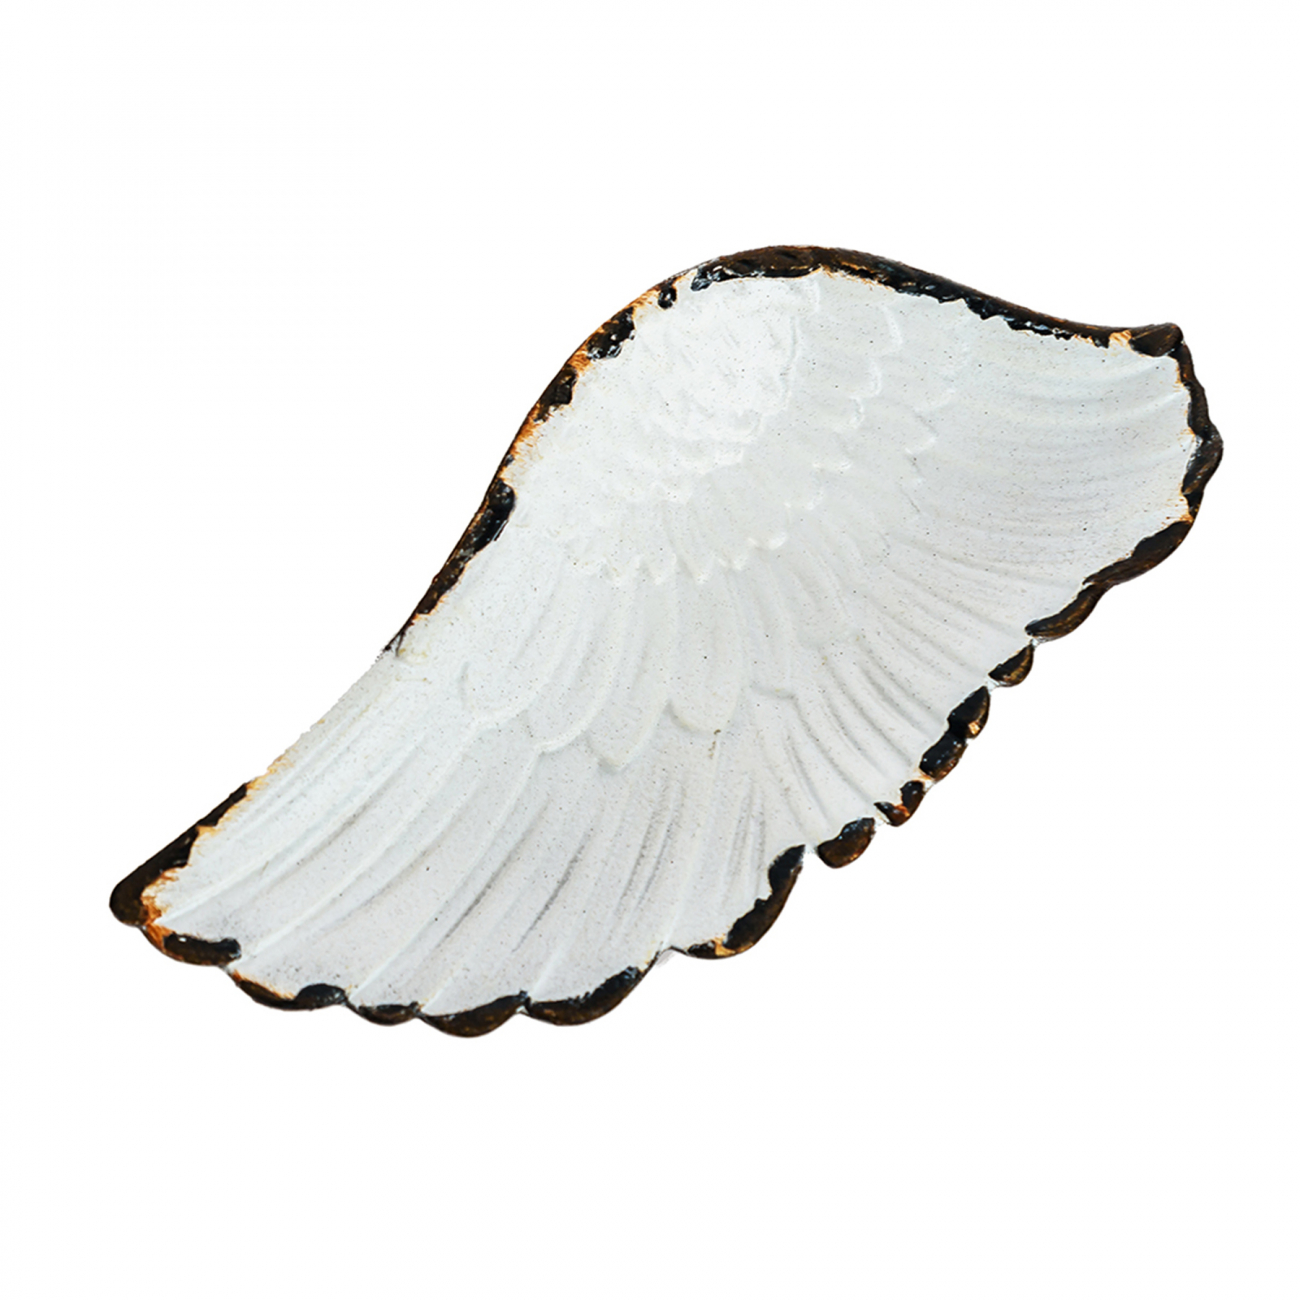 Купить Подставка для колец Wing Белая в интернет магазине дизайнерской мебели и аксессуаров для дома и дачи